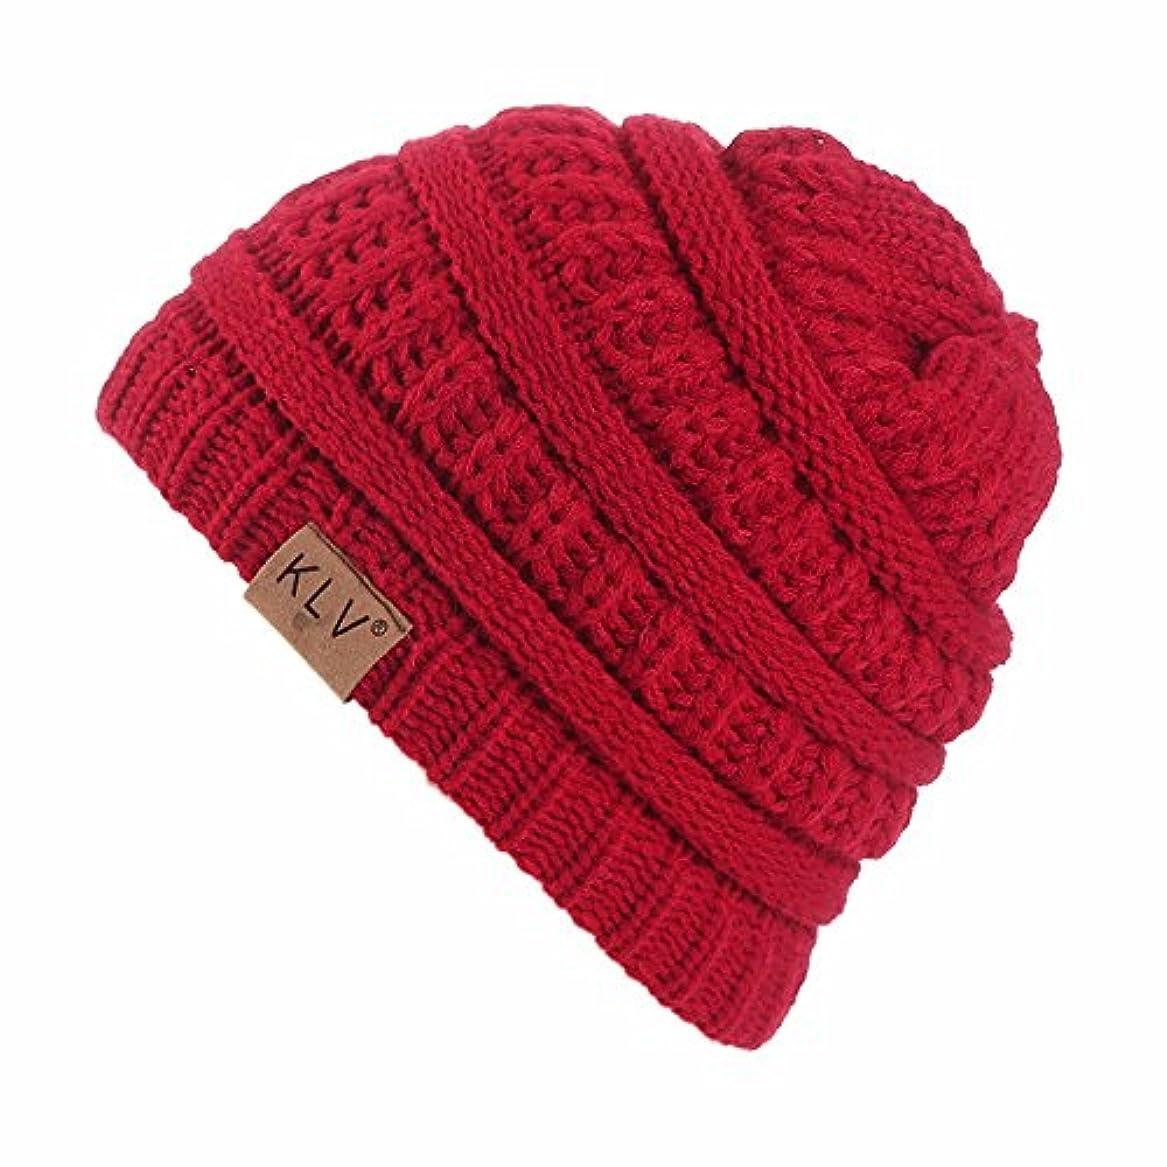 変化するそれぞれコンパイルRacazing クリスマス Hat 選べる6 色 編み物 ニット帽 子供用 通気性のある 男女兼用 防風防寒对策 ニット帽 暖かい 軽量 屋外 クリスマス Unisex Cap (ワイン)